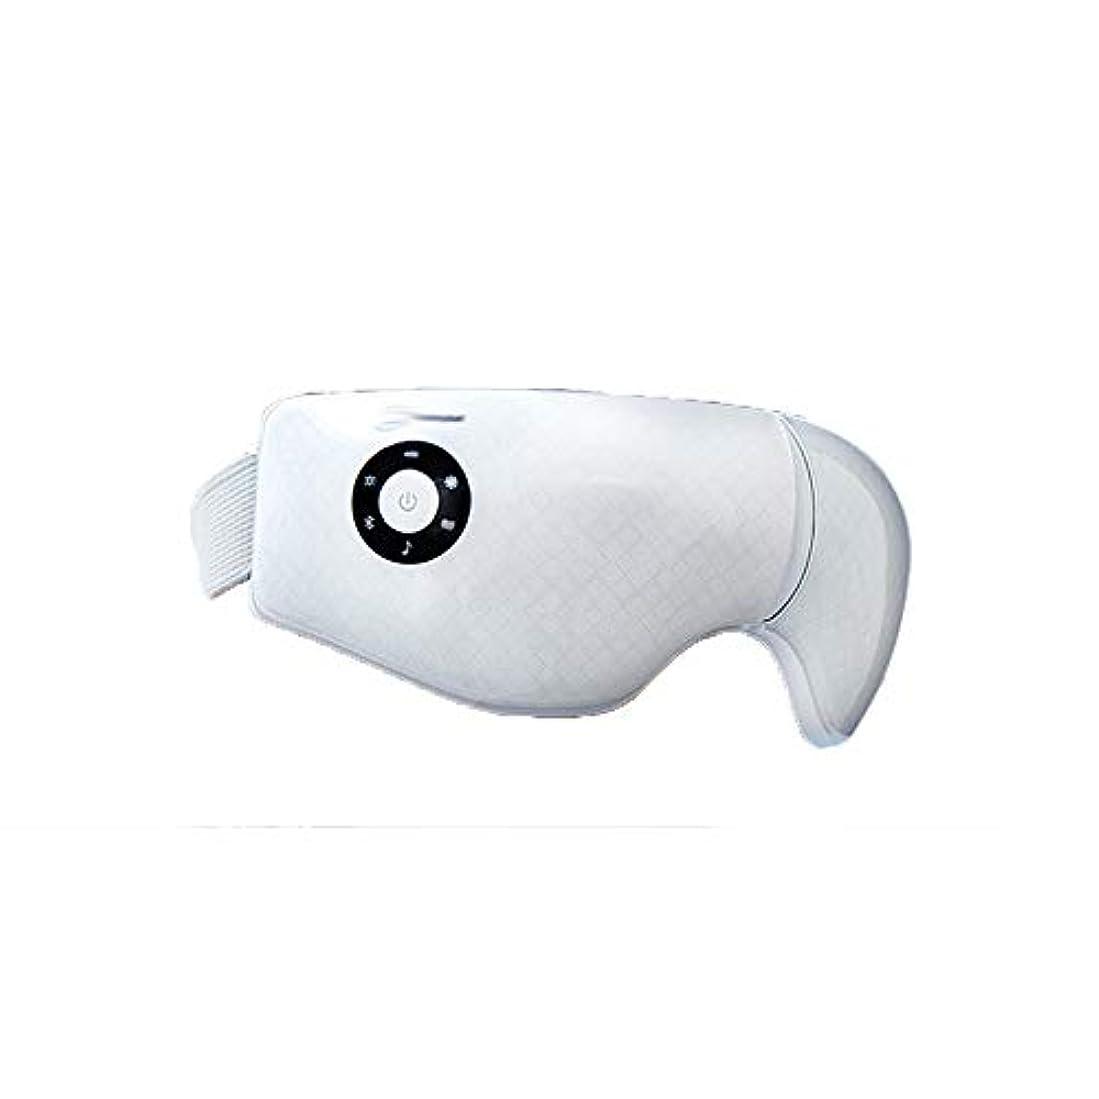 常識国民投票歪めるマッサージャー - マッサージャーは、黒丸を回復するために近視をホット圧縮します (Color : White)